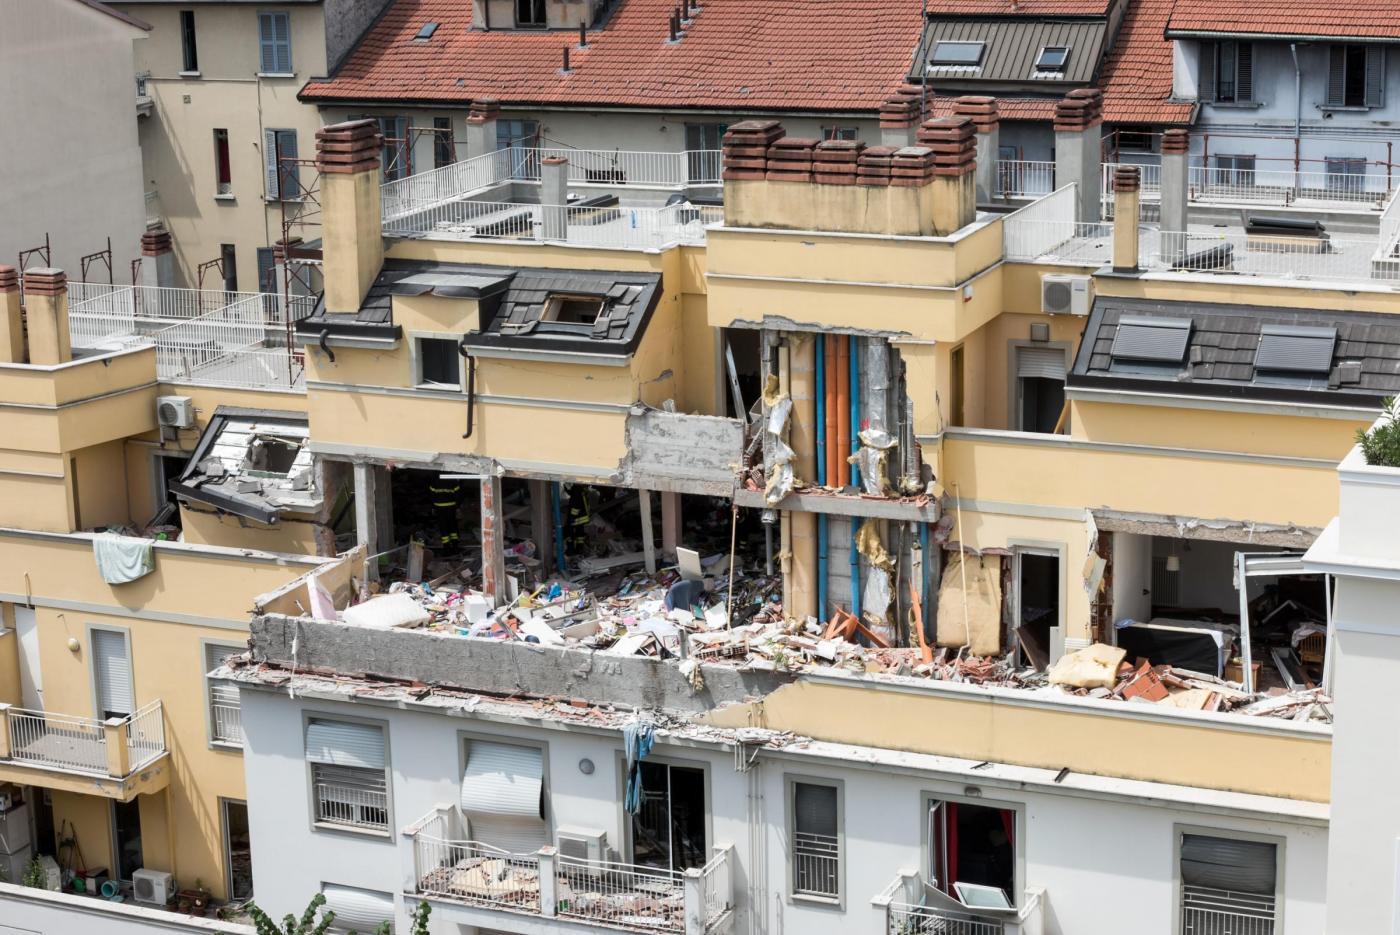 tragedia-a-milano-crolla-palazzina-3-morti-e-9-feriti